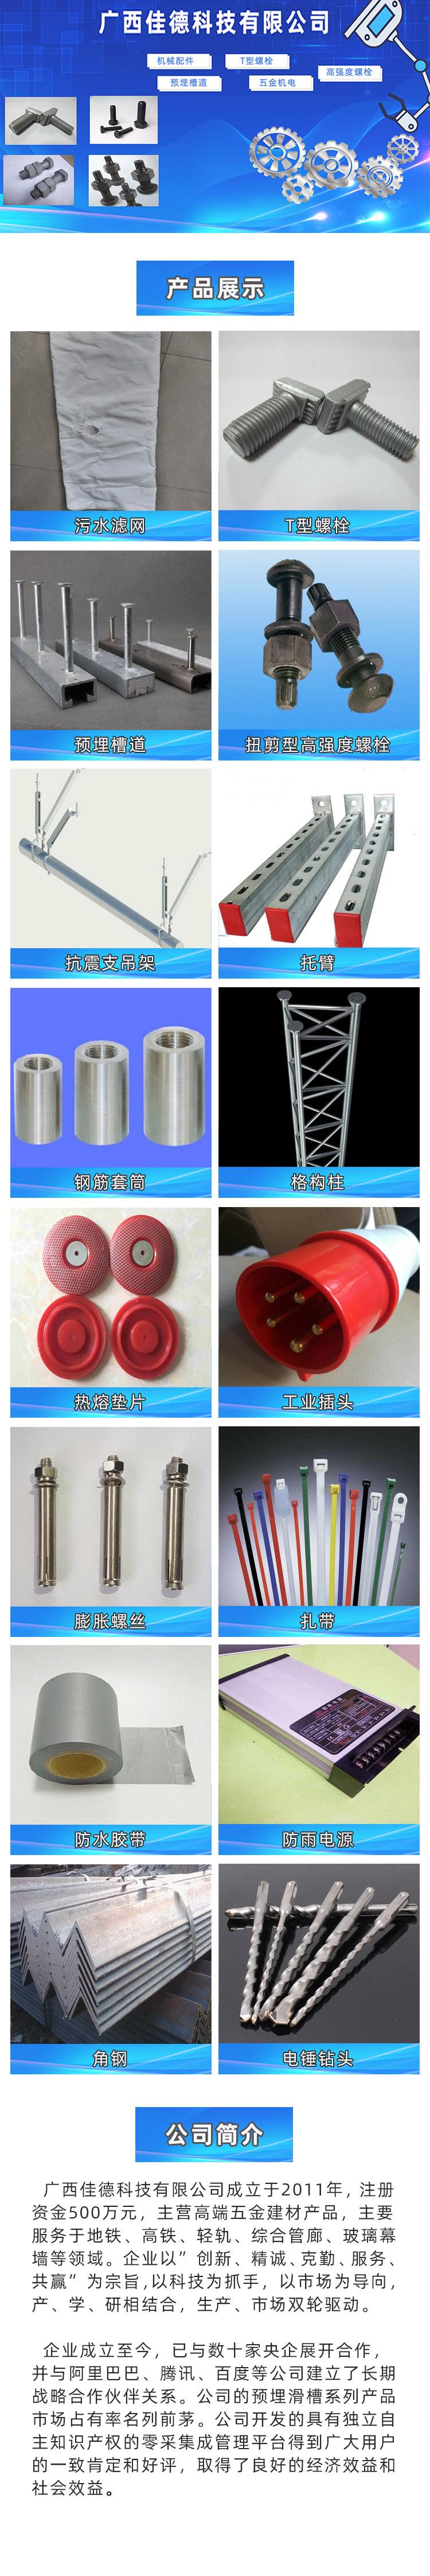 1110广西佳德科技有限公司.jpg